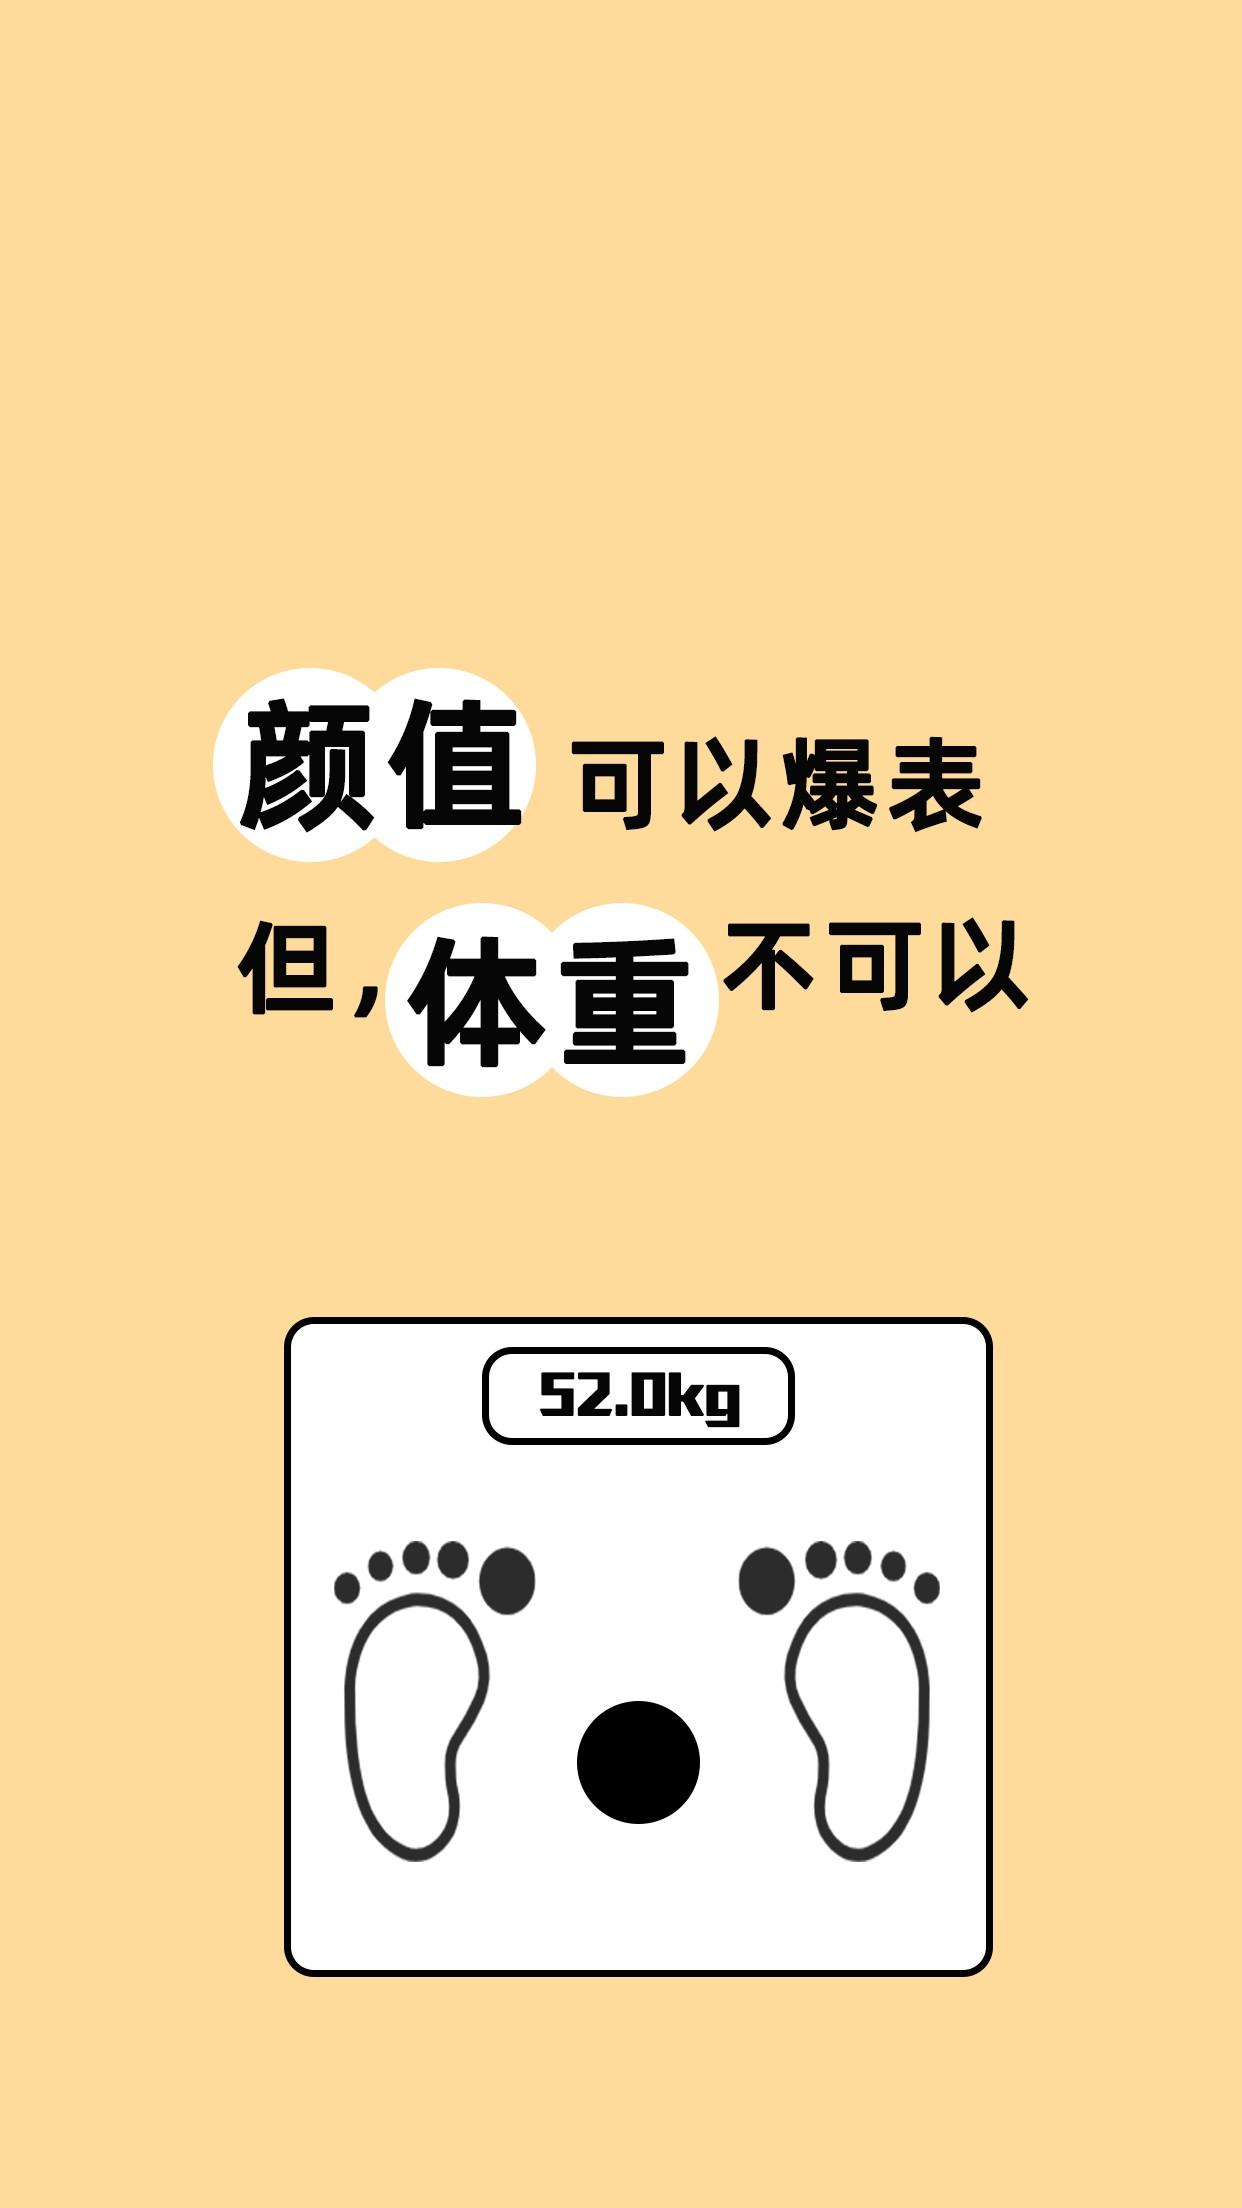 趣味控制体重手机壁纸